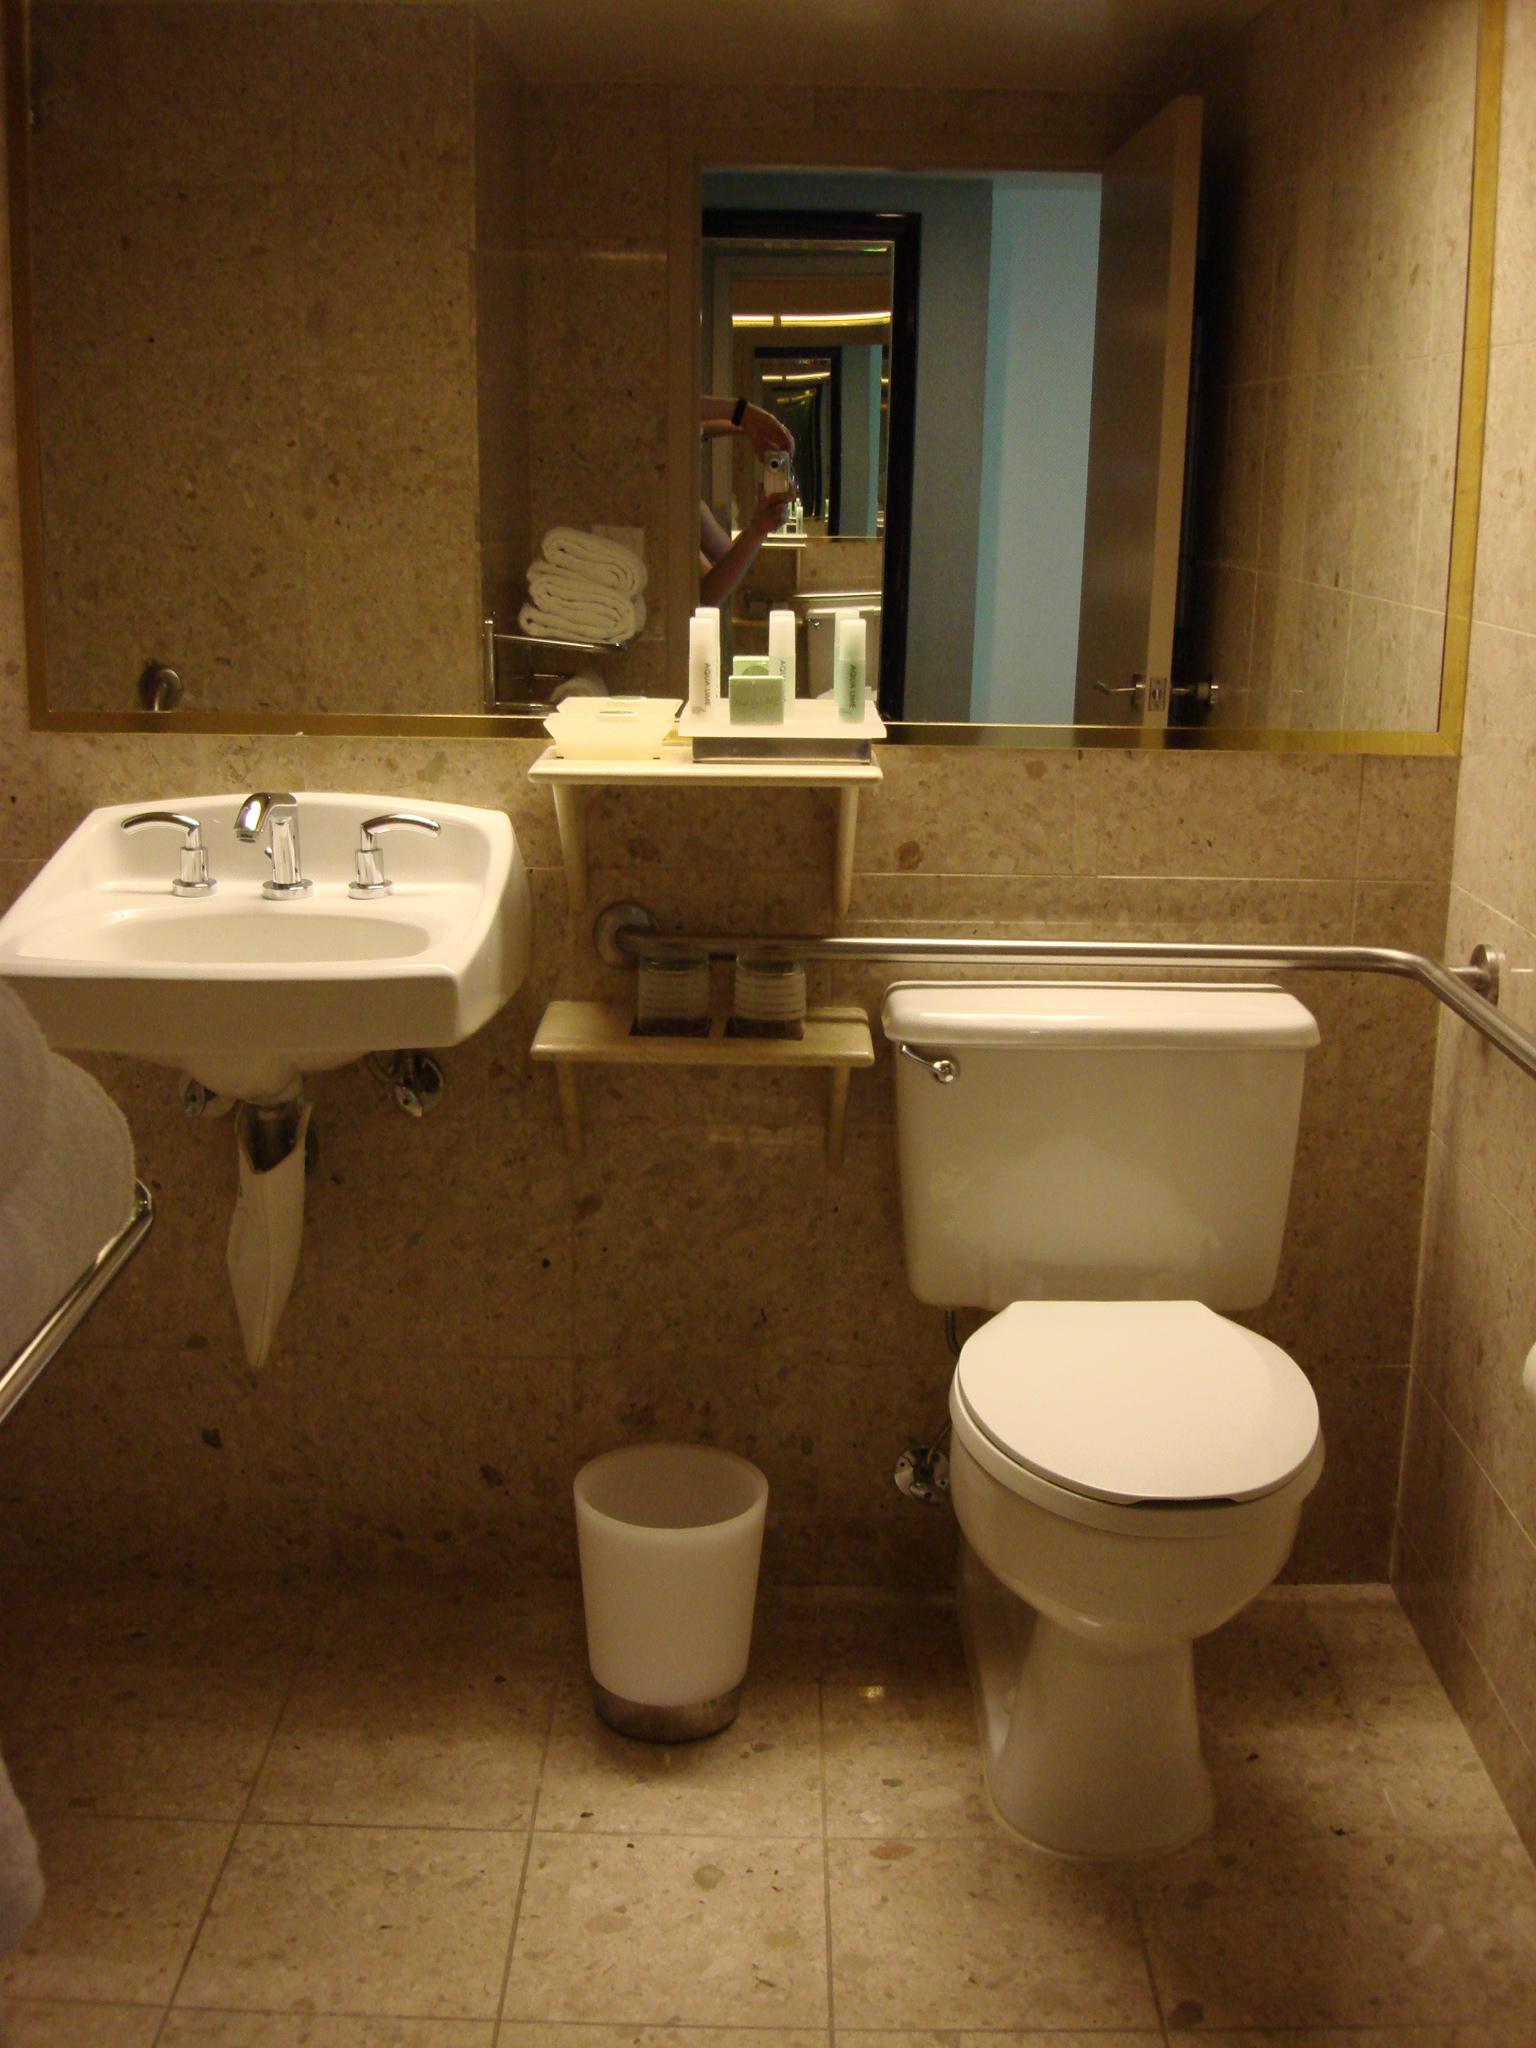 Bathroom Sinks Las Vegas las vegas | papa wheelie